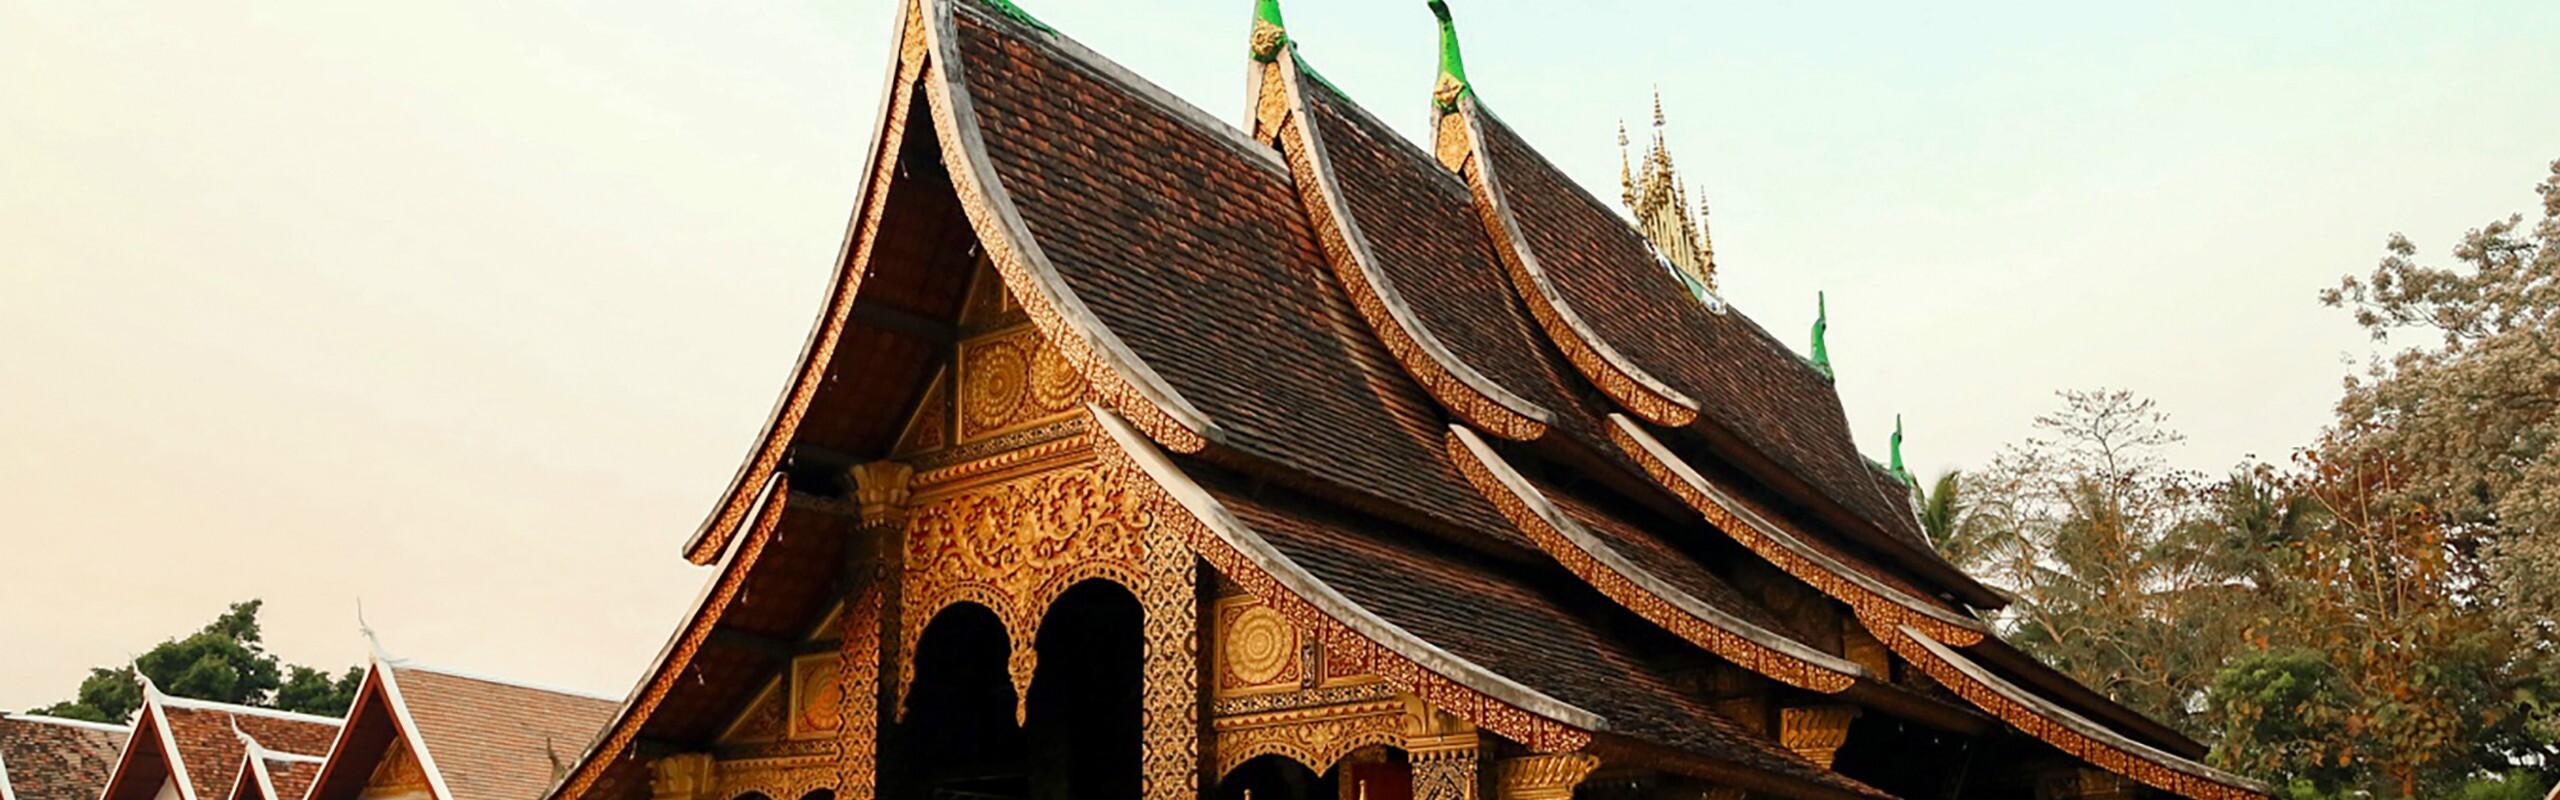 How to Plan a Luang Prabang Trip